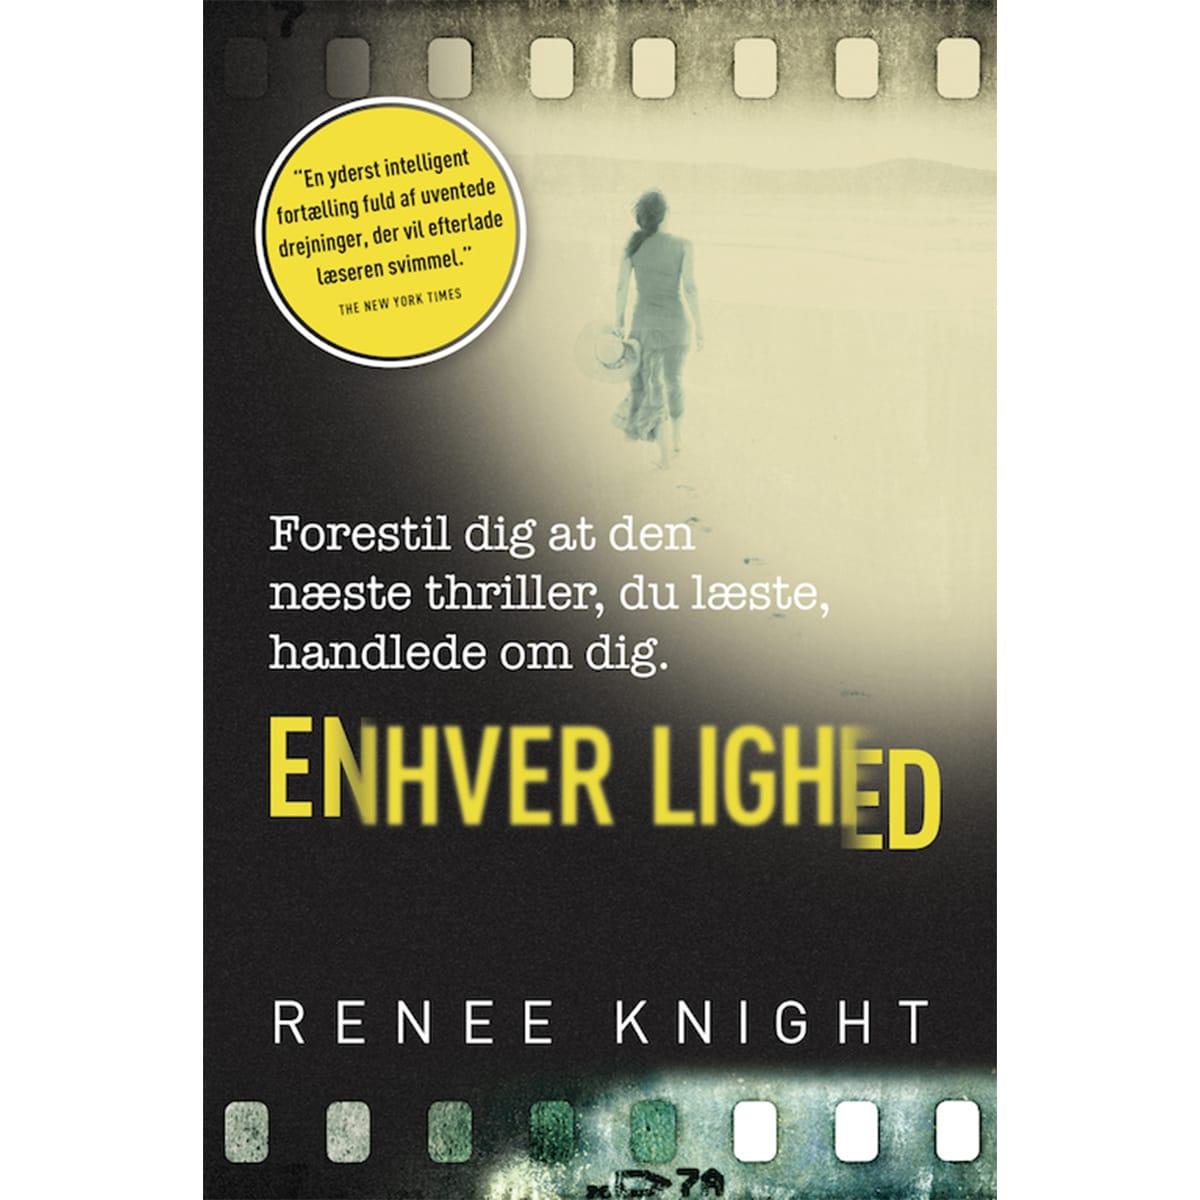 Af Renee Knight